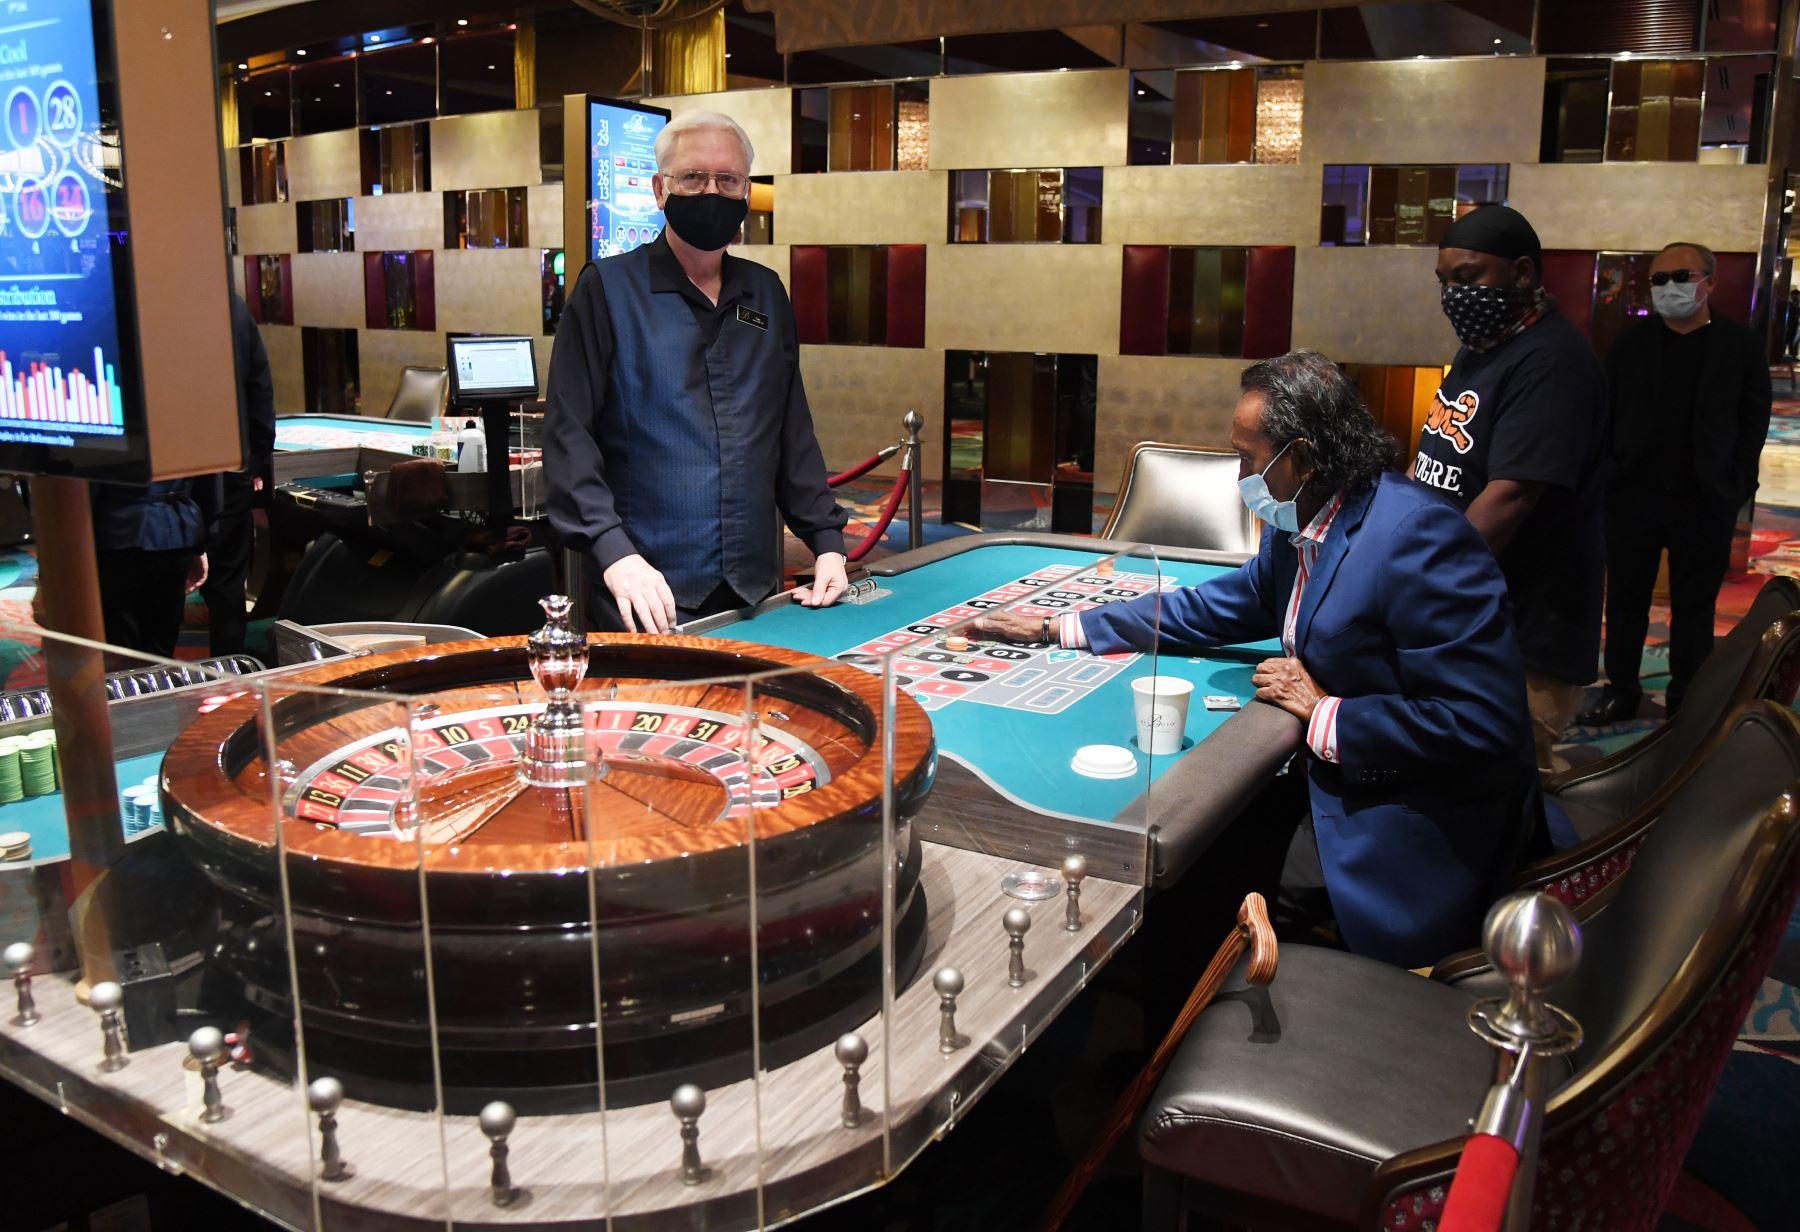 El concesionario Gary Reed observa cómo Tilak Fernando y Dred Phillips juegan a la ruleta en el Bellagio Resort & Casino en Las Vegas Strip. Foto: AFP